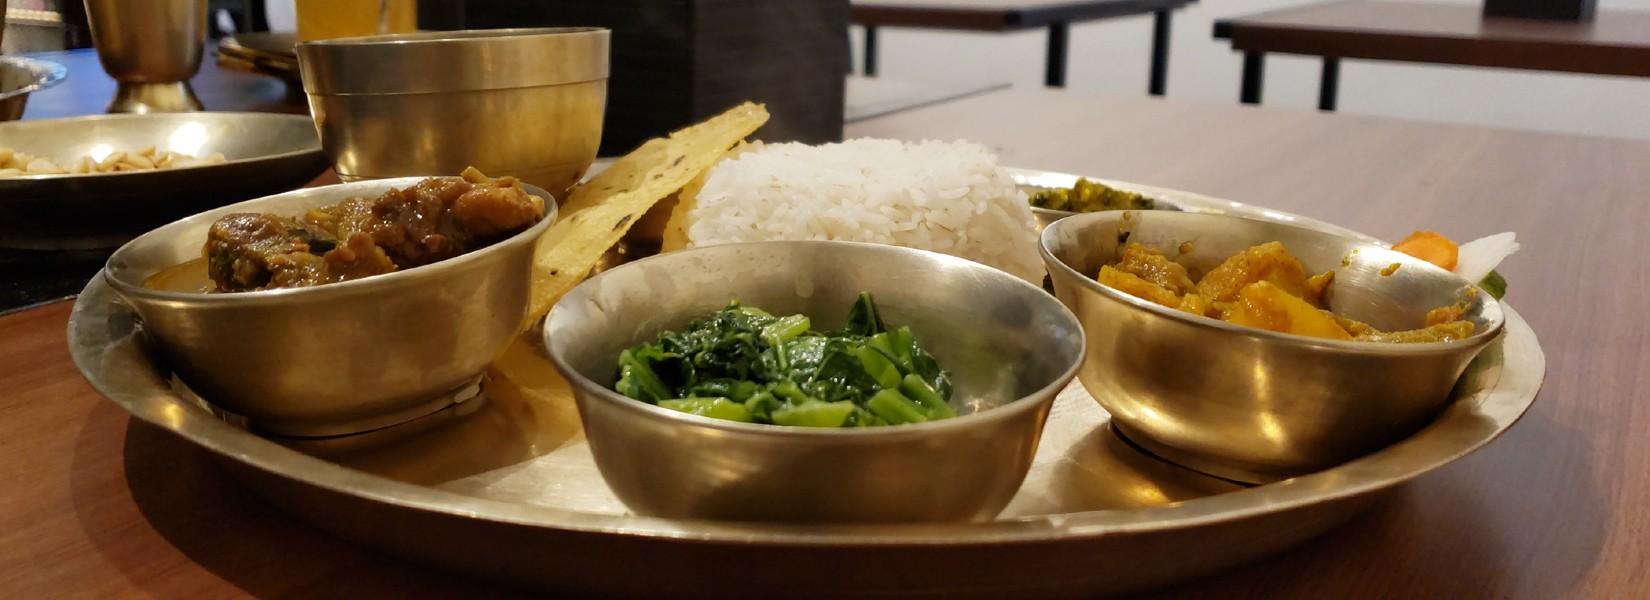 best food in the town kathmandu